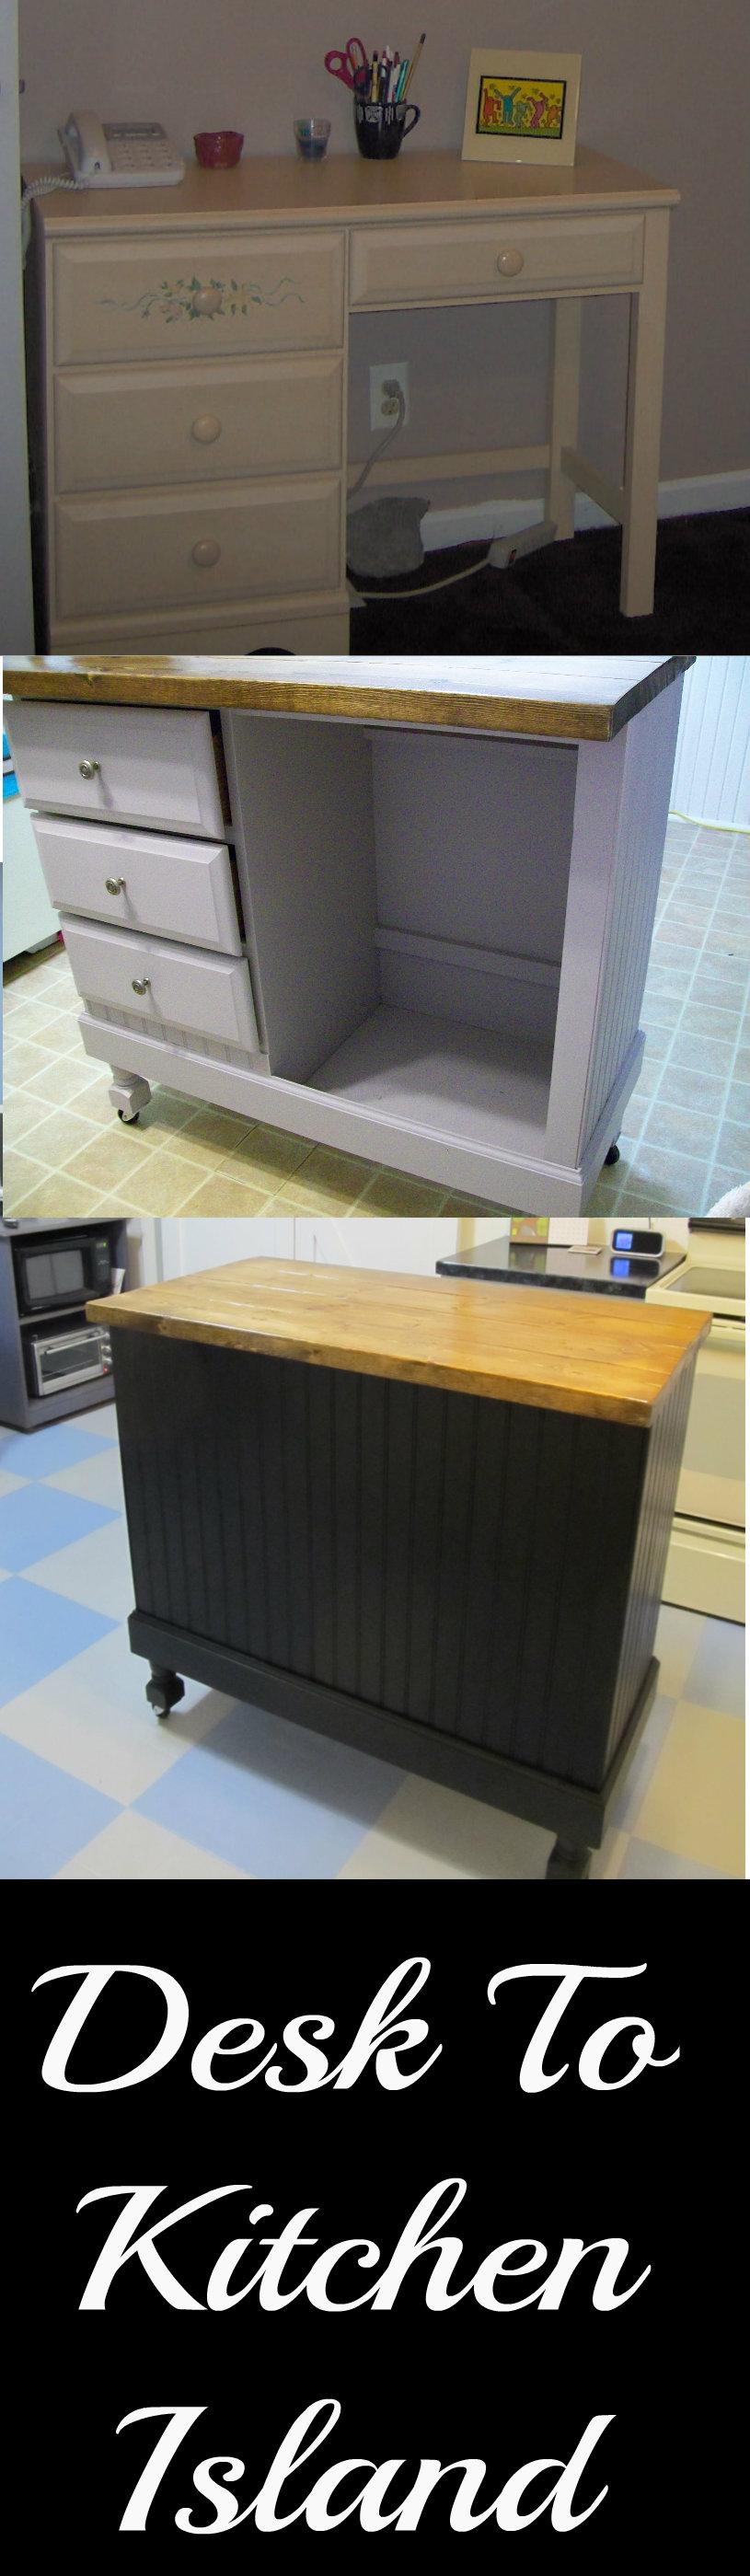 Desk to Kitchen Island